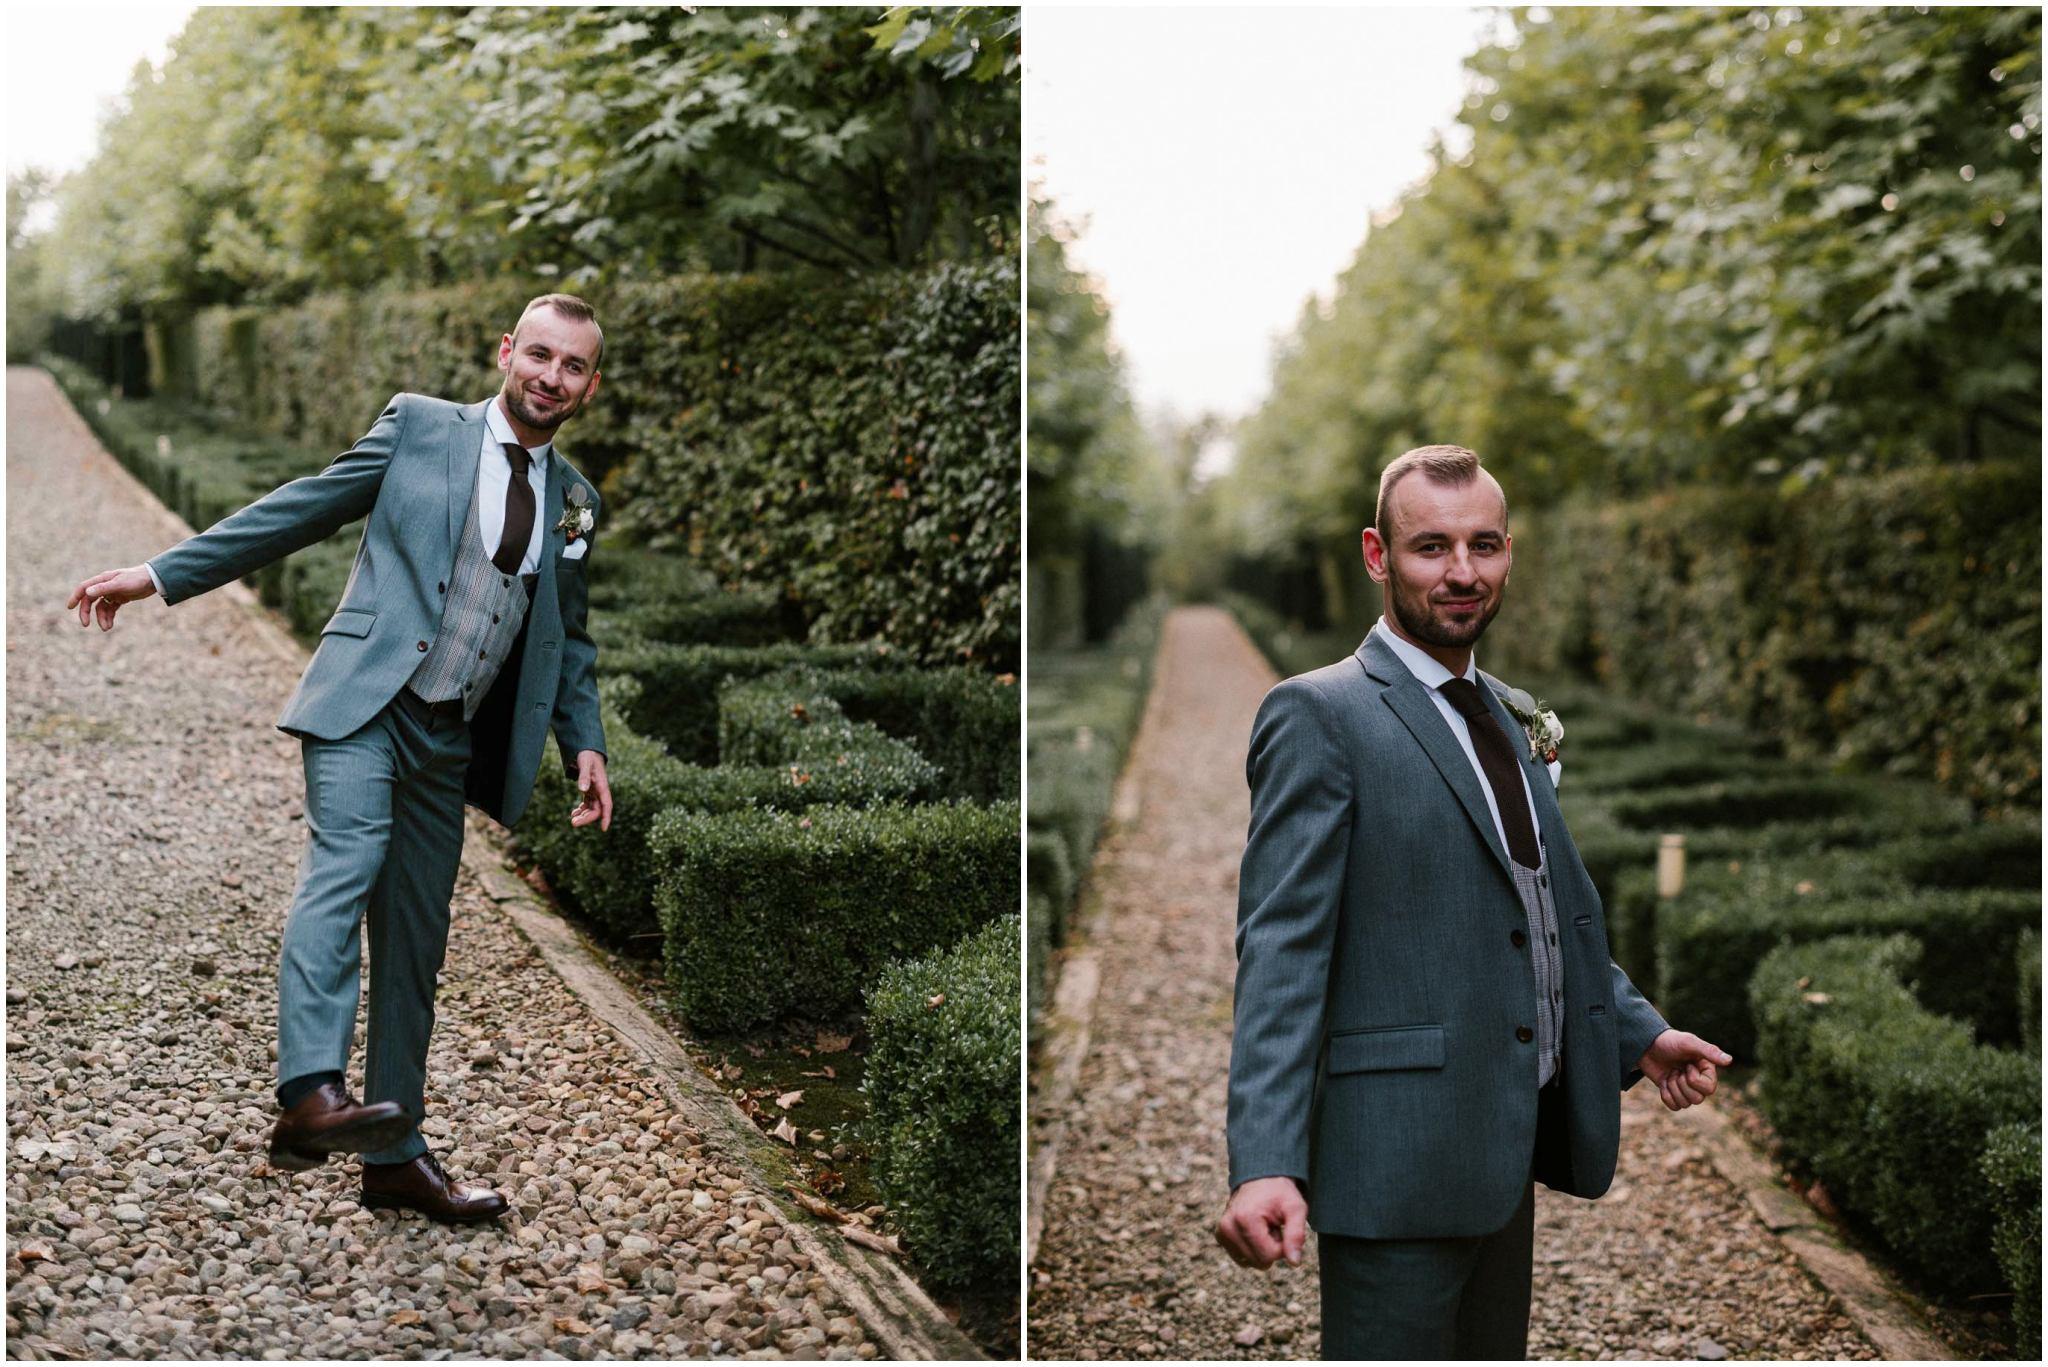 Pan młody w parku - sesja ślubna w plenerze Biskupice, Siedem Drzew